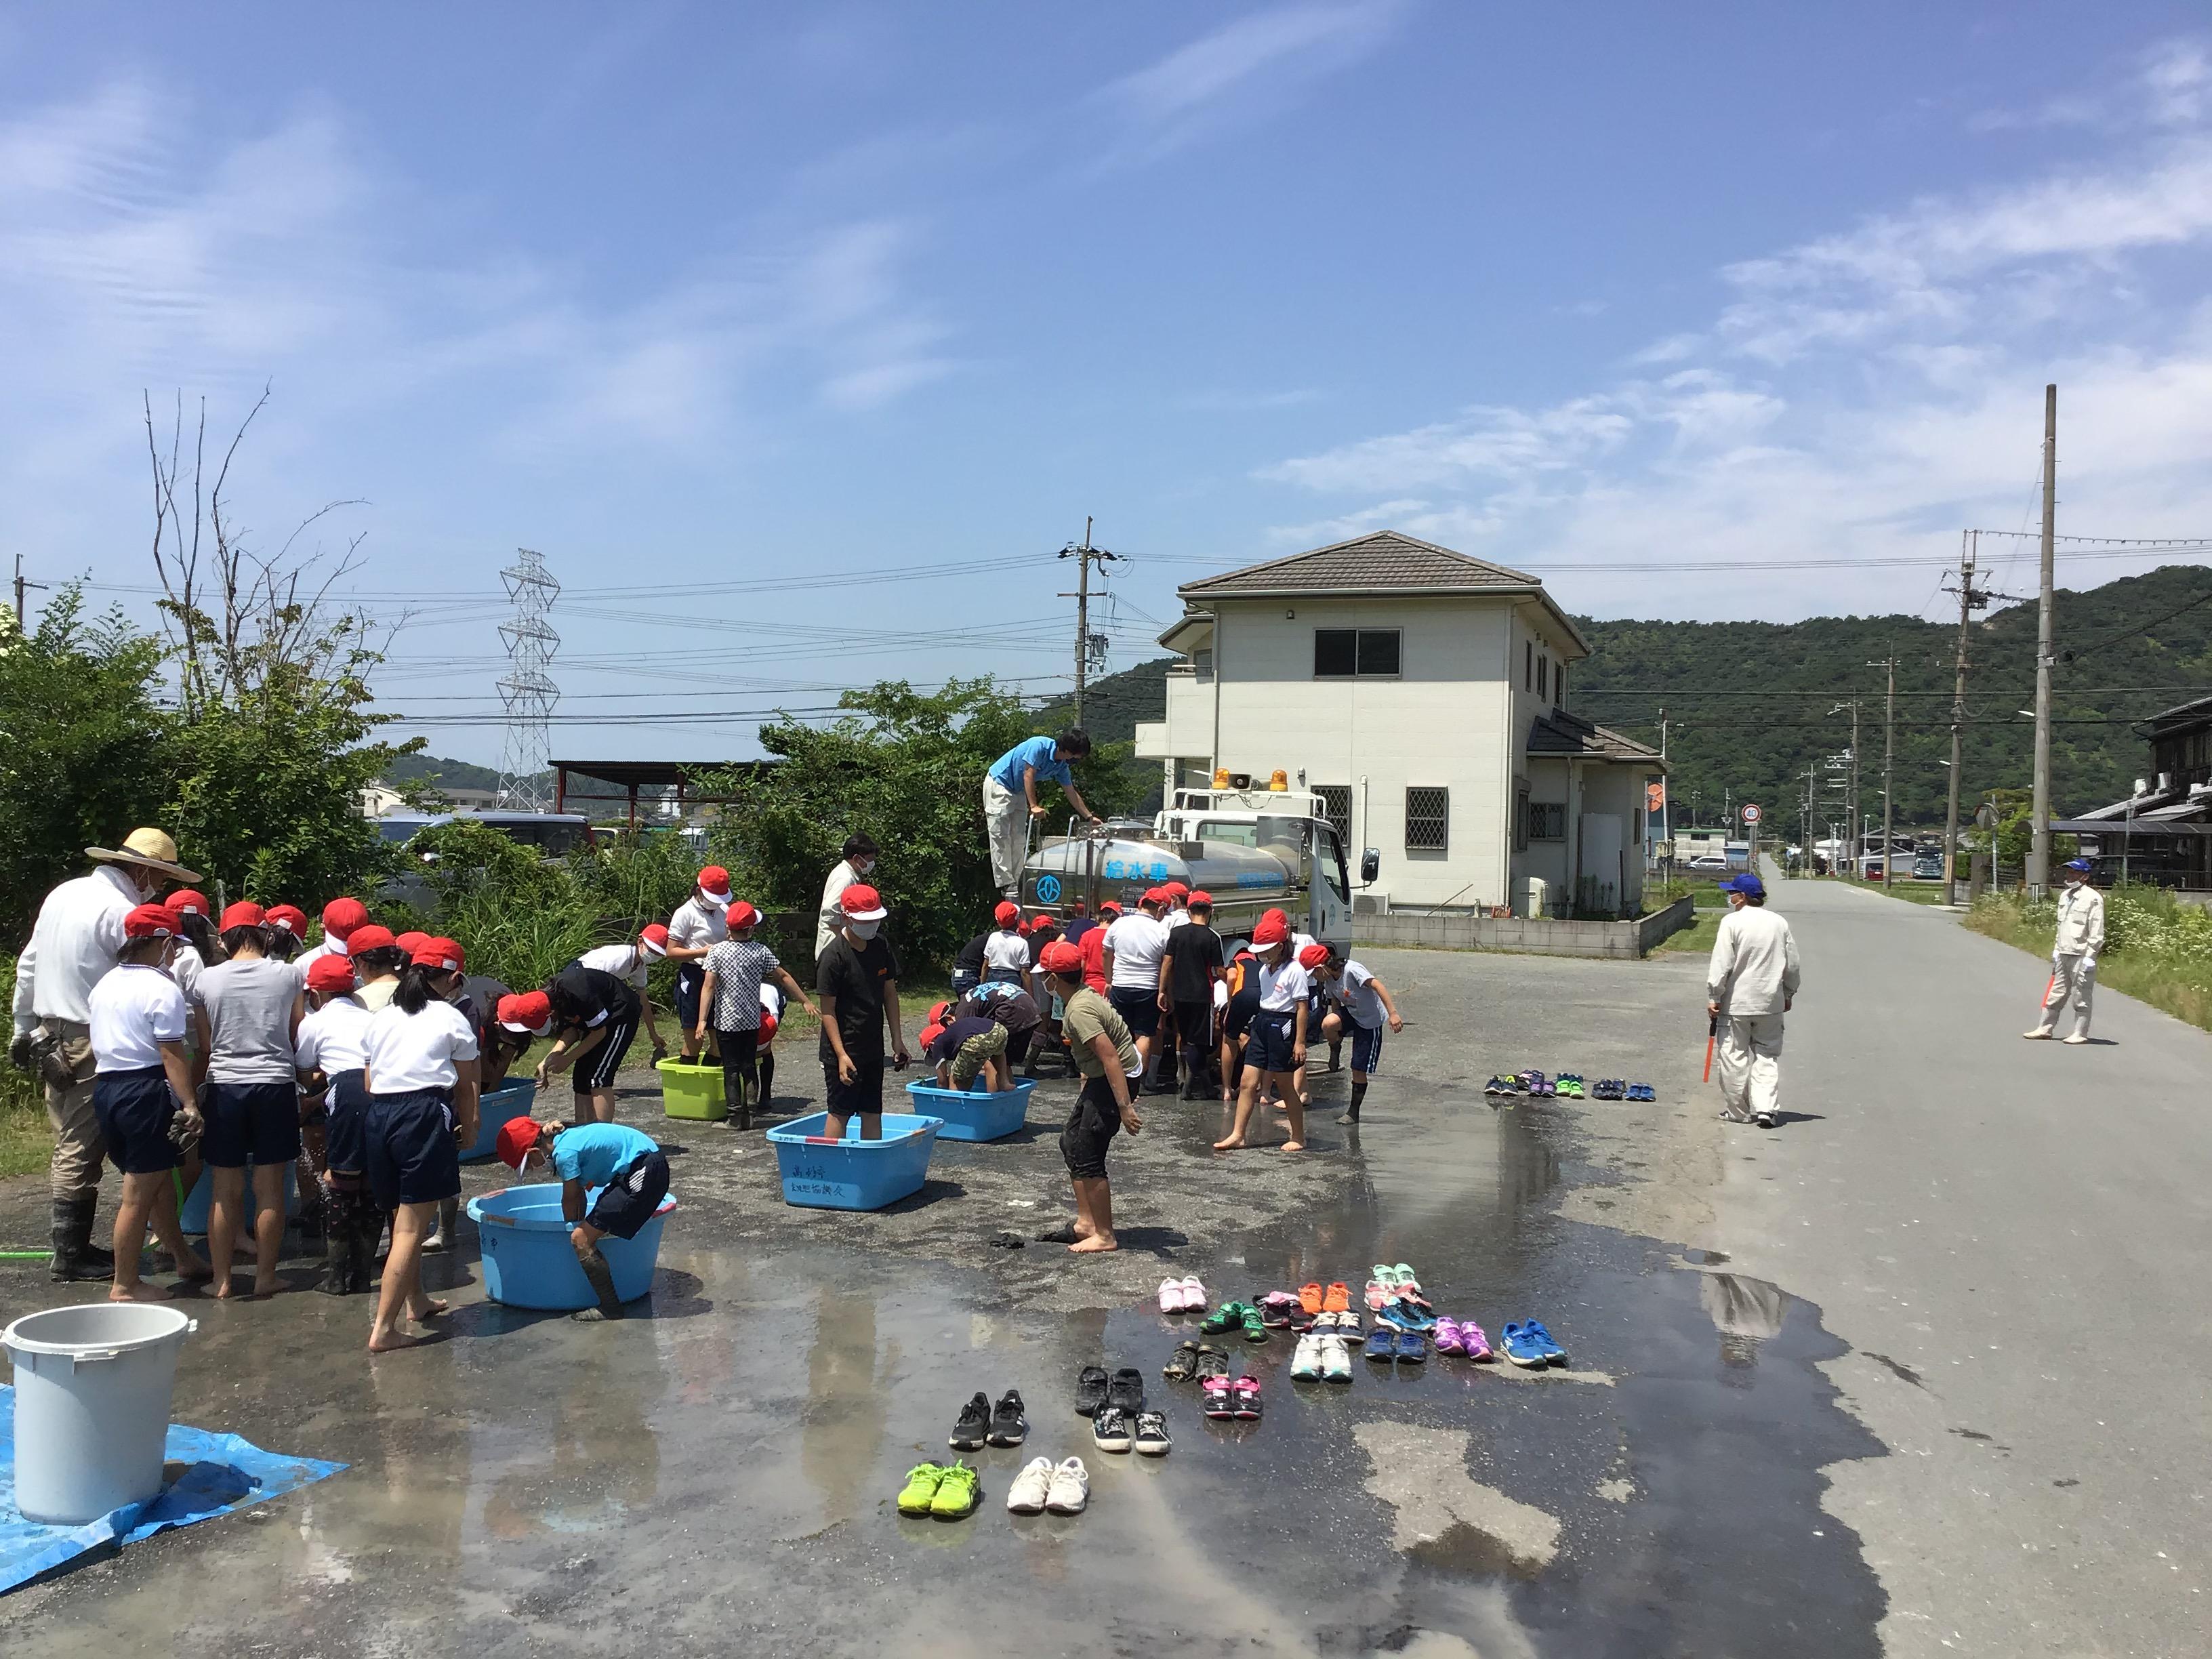 高砂市上下水道部(今津さん・福田さん・村山さん・長谷川さん)散水車に、靴揃え、たらいの水替え、ガードマン。お疲れ様でした。